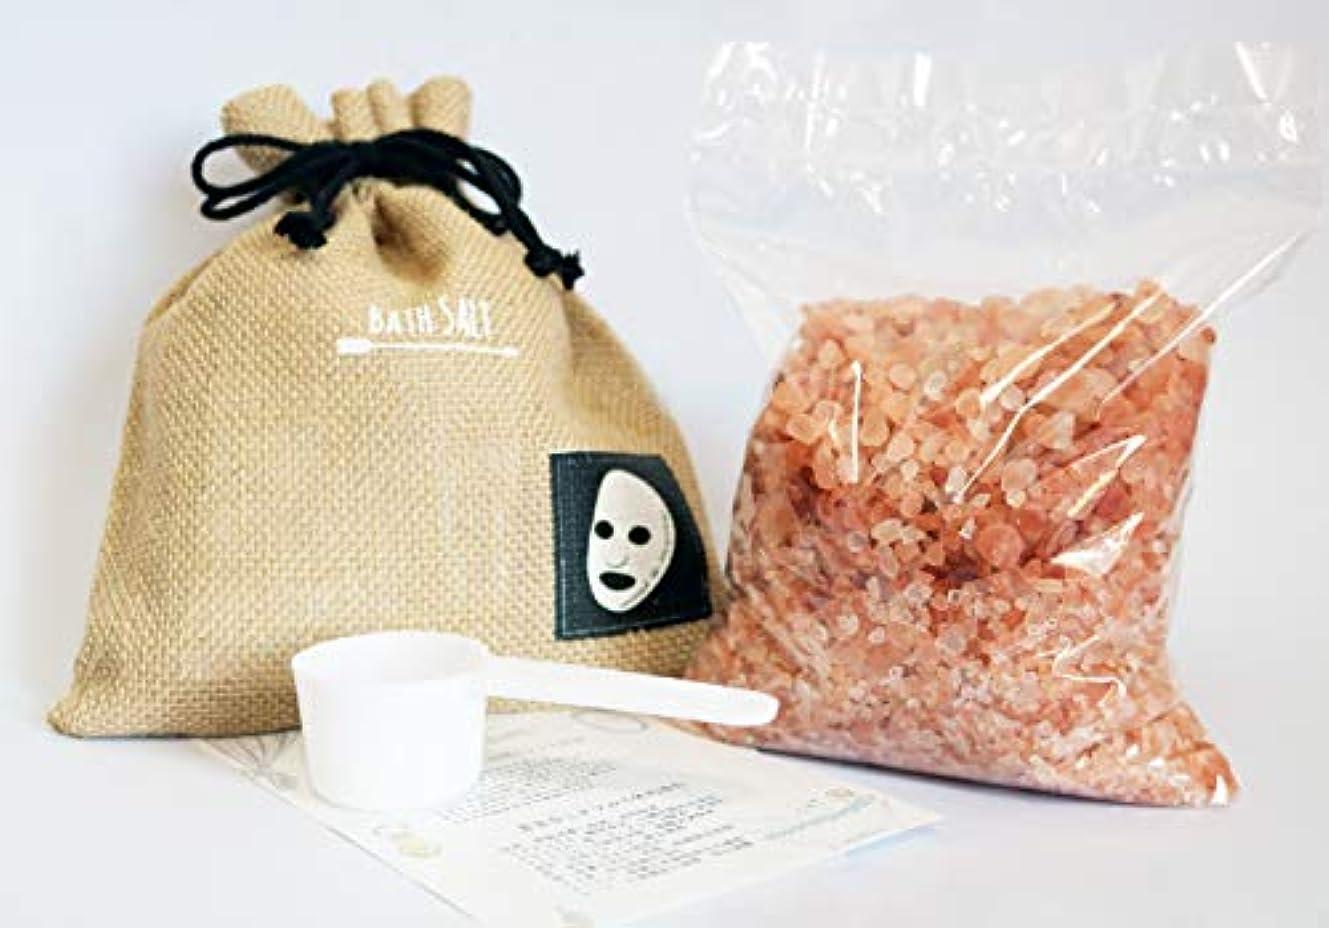 みがきます彼女は金銭的天然ヒマラヤ岩塩ピンクロックバスソルト1kg(約20回分)/2kg(約40回分)専用バッグ&計量スプーン付 (1kg(約20回分))